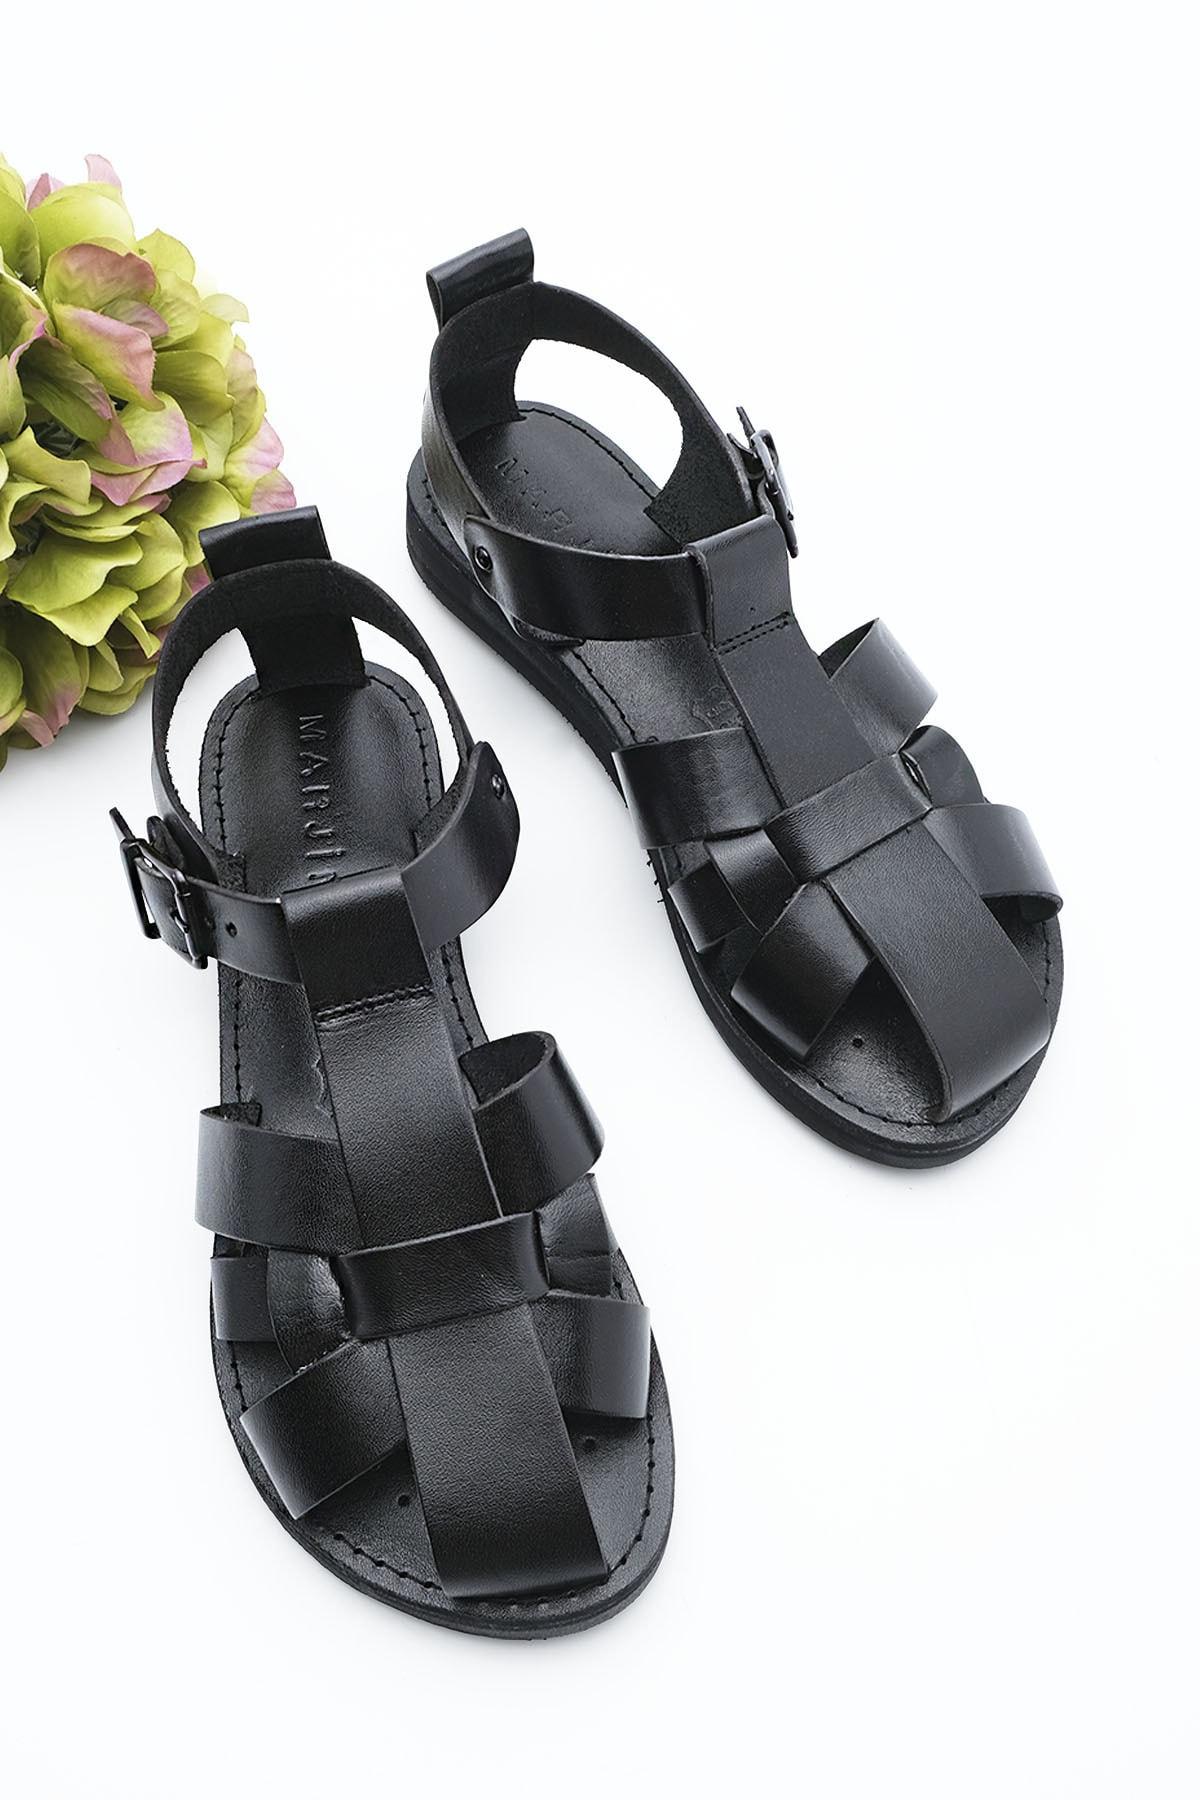 Kadın Hakiki Deri Sandalet Olinsiyah